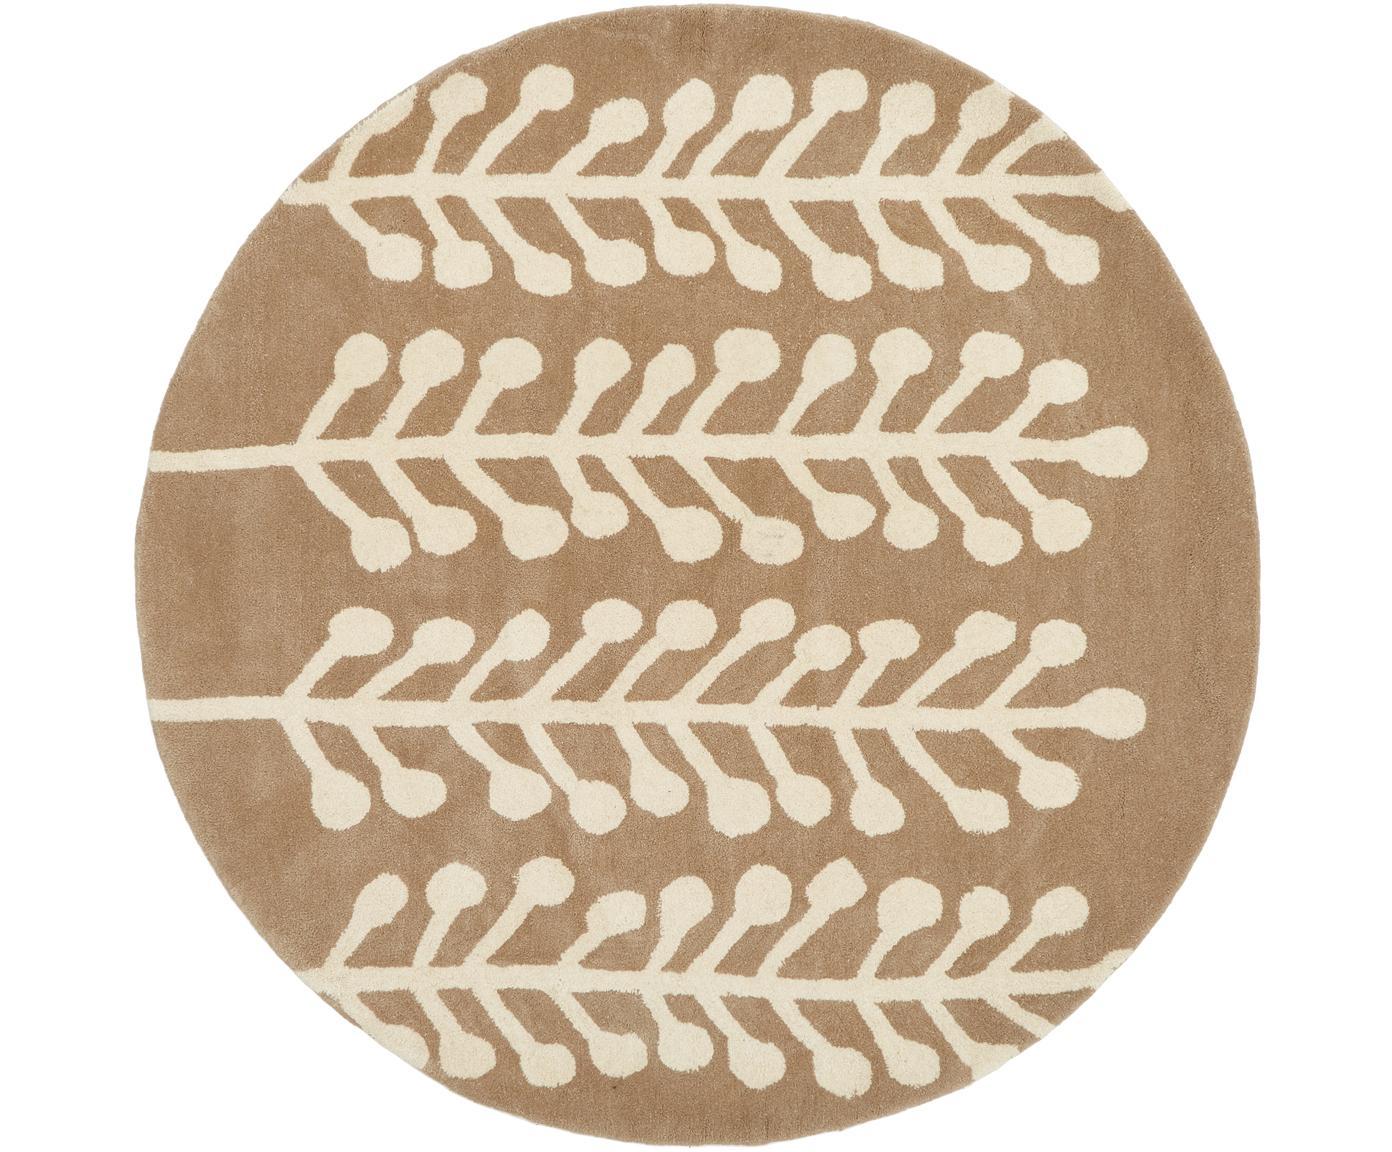 Runder Wollteppich Wool Herbs mit weißem Print, Flor: 100% Wolle, Hellbraun, Creme, Ø 200 cm (Größe L)